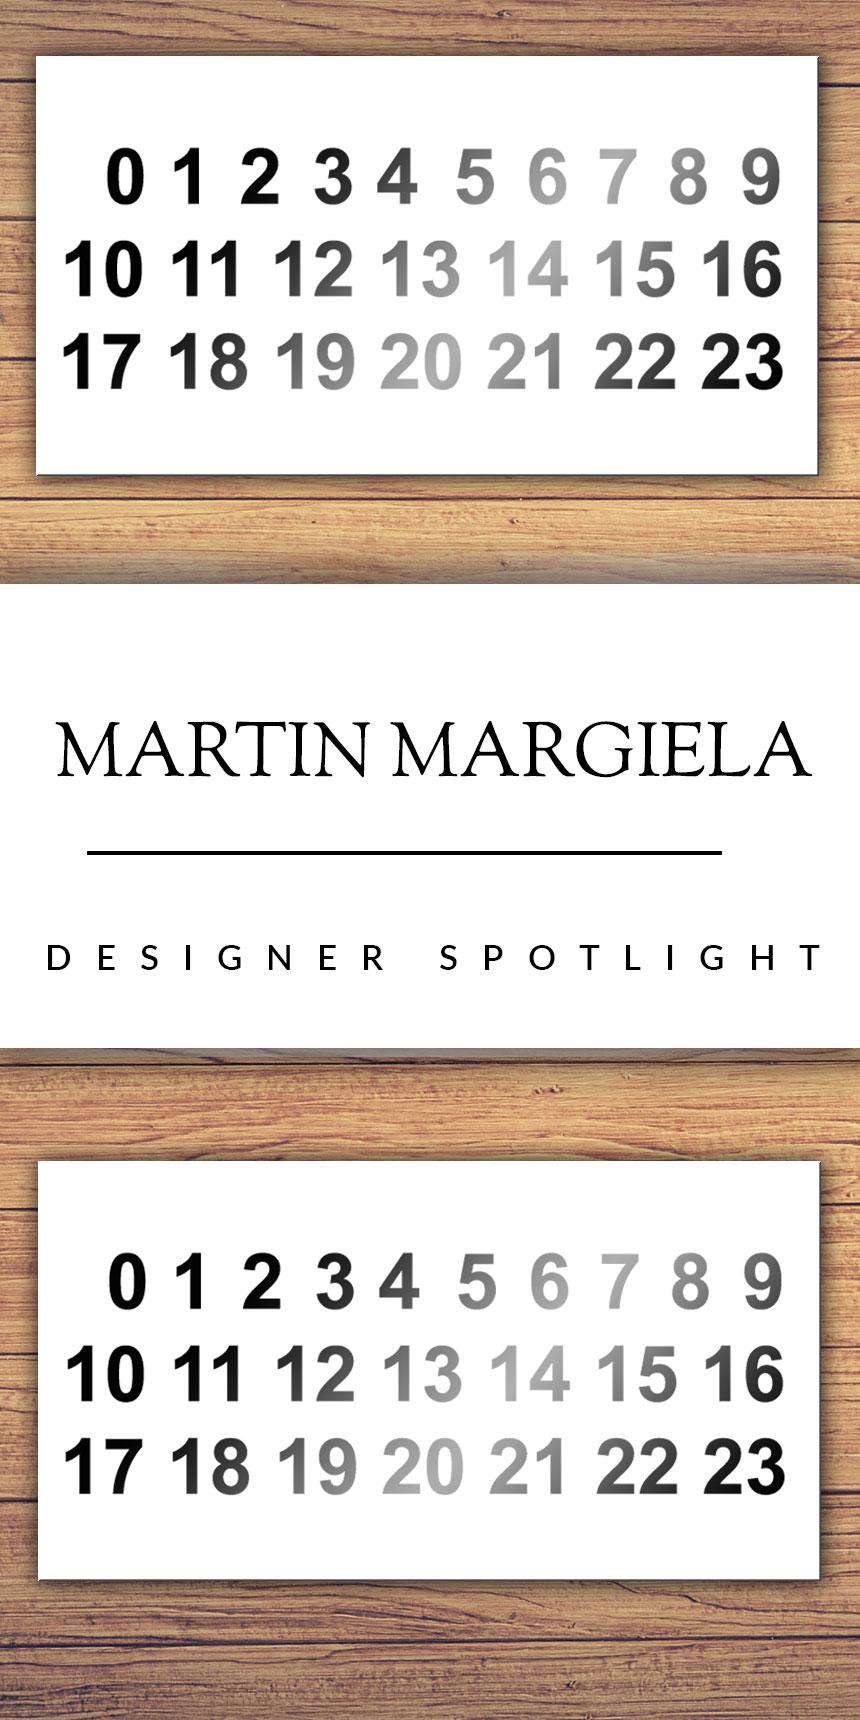 Designer Spotlight: Martin Margiela